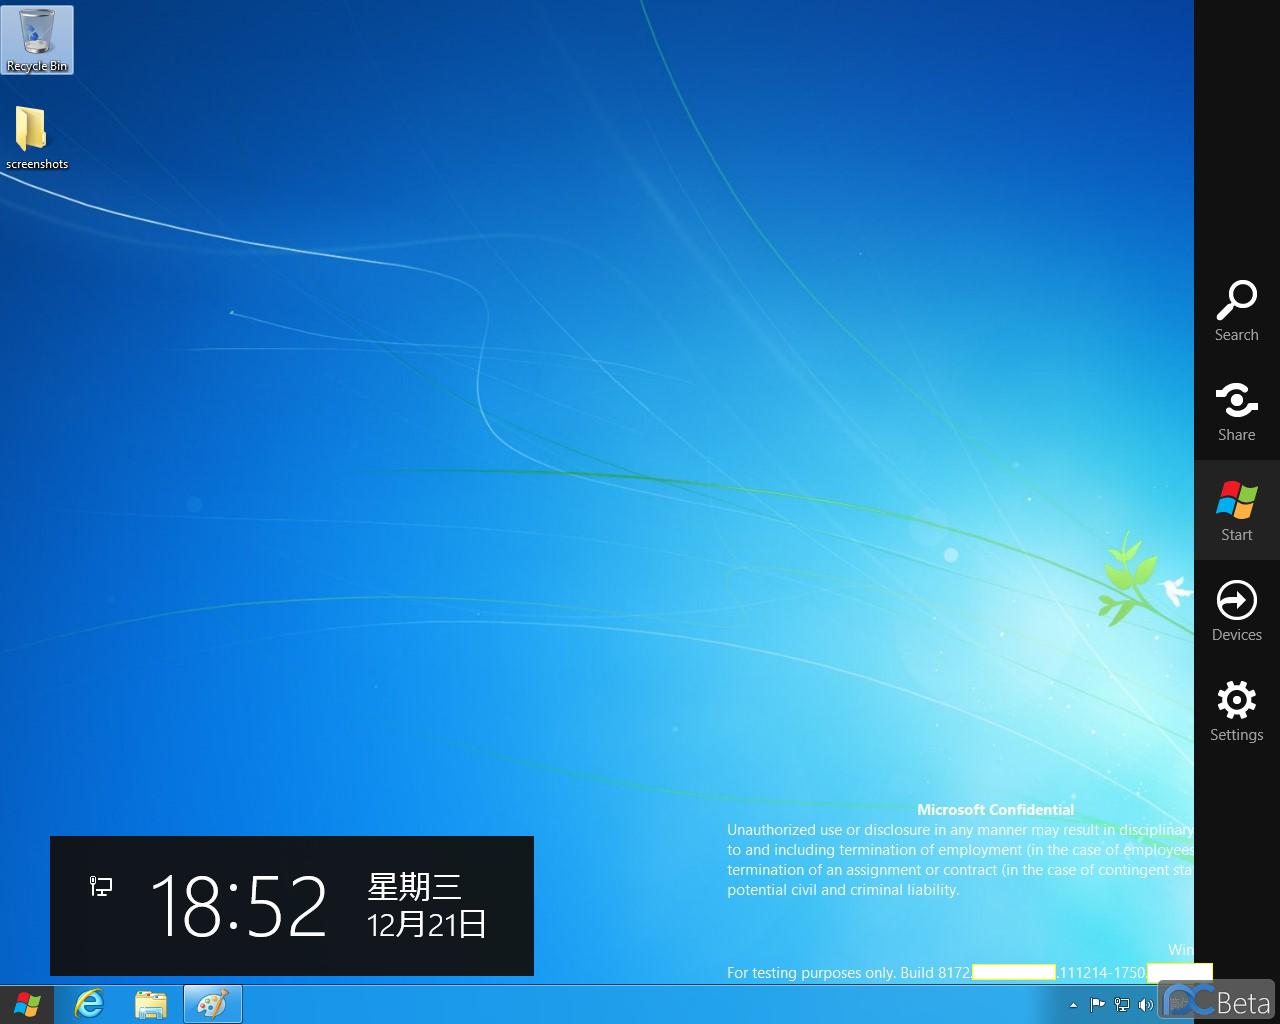 Windows 8 build 8172 capturado em imagens